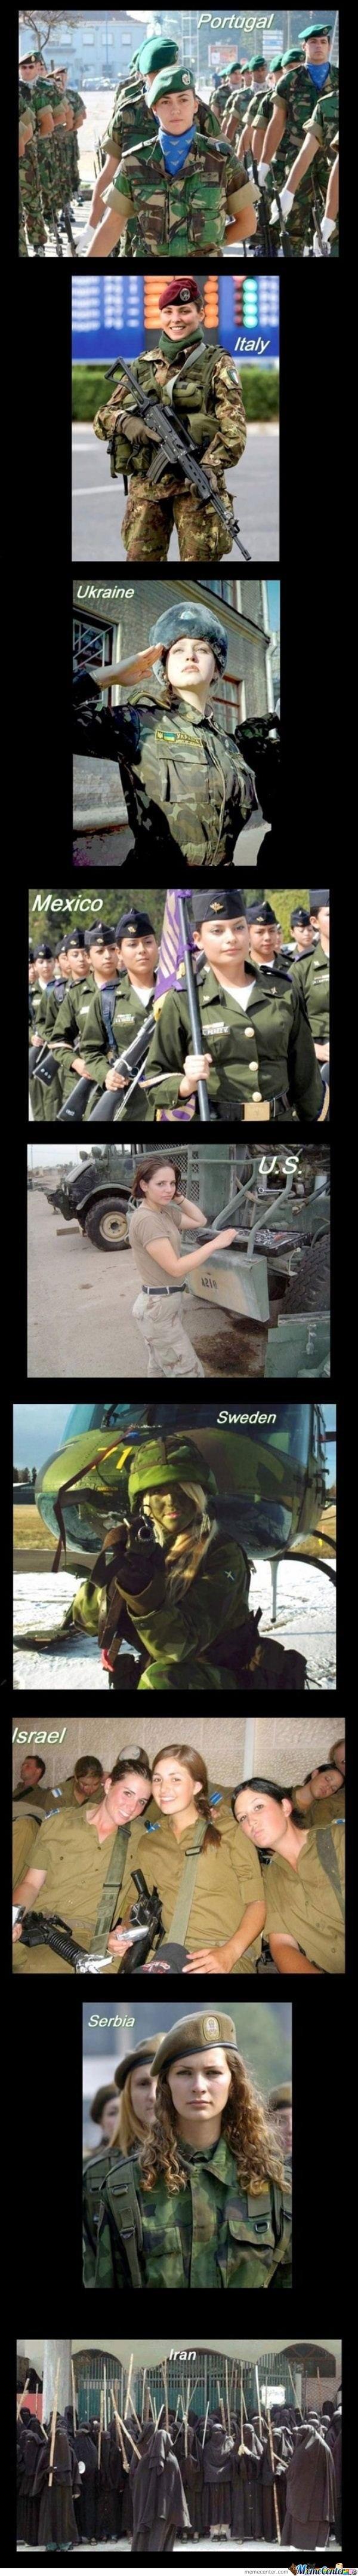 Military women around the world. And Iran.